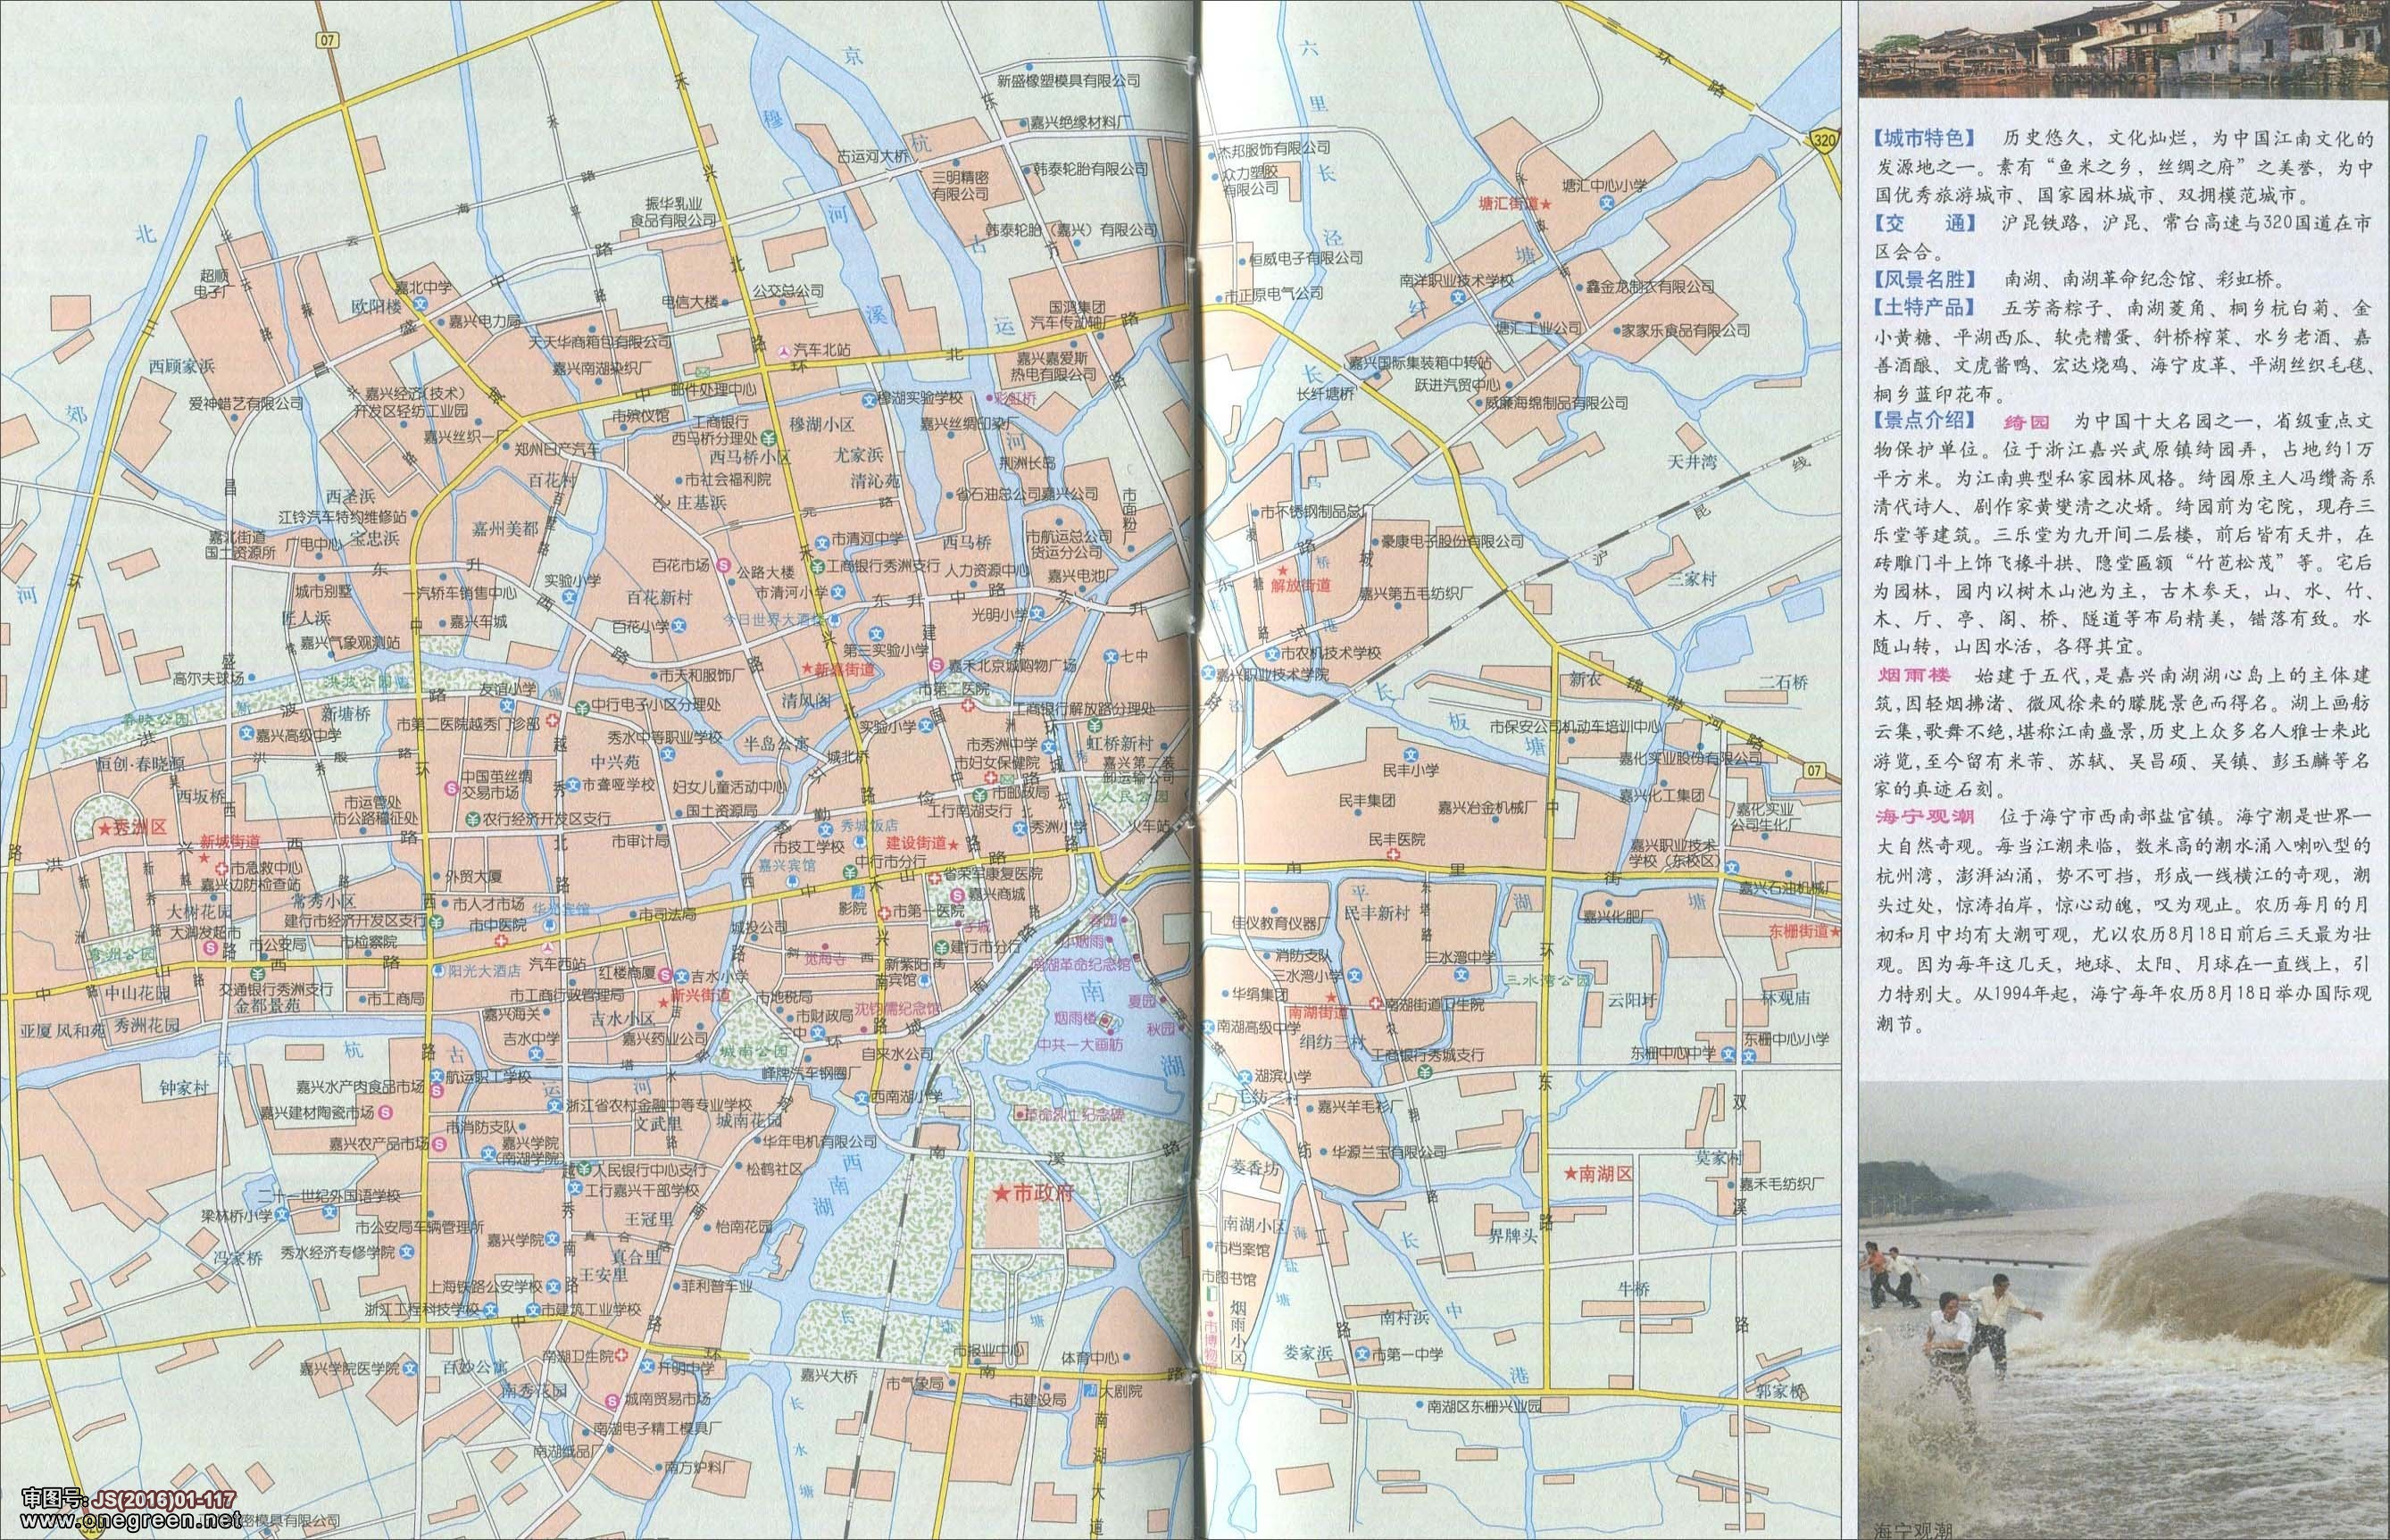 嘉兴城区地图